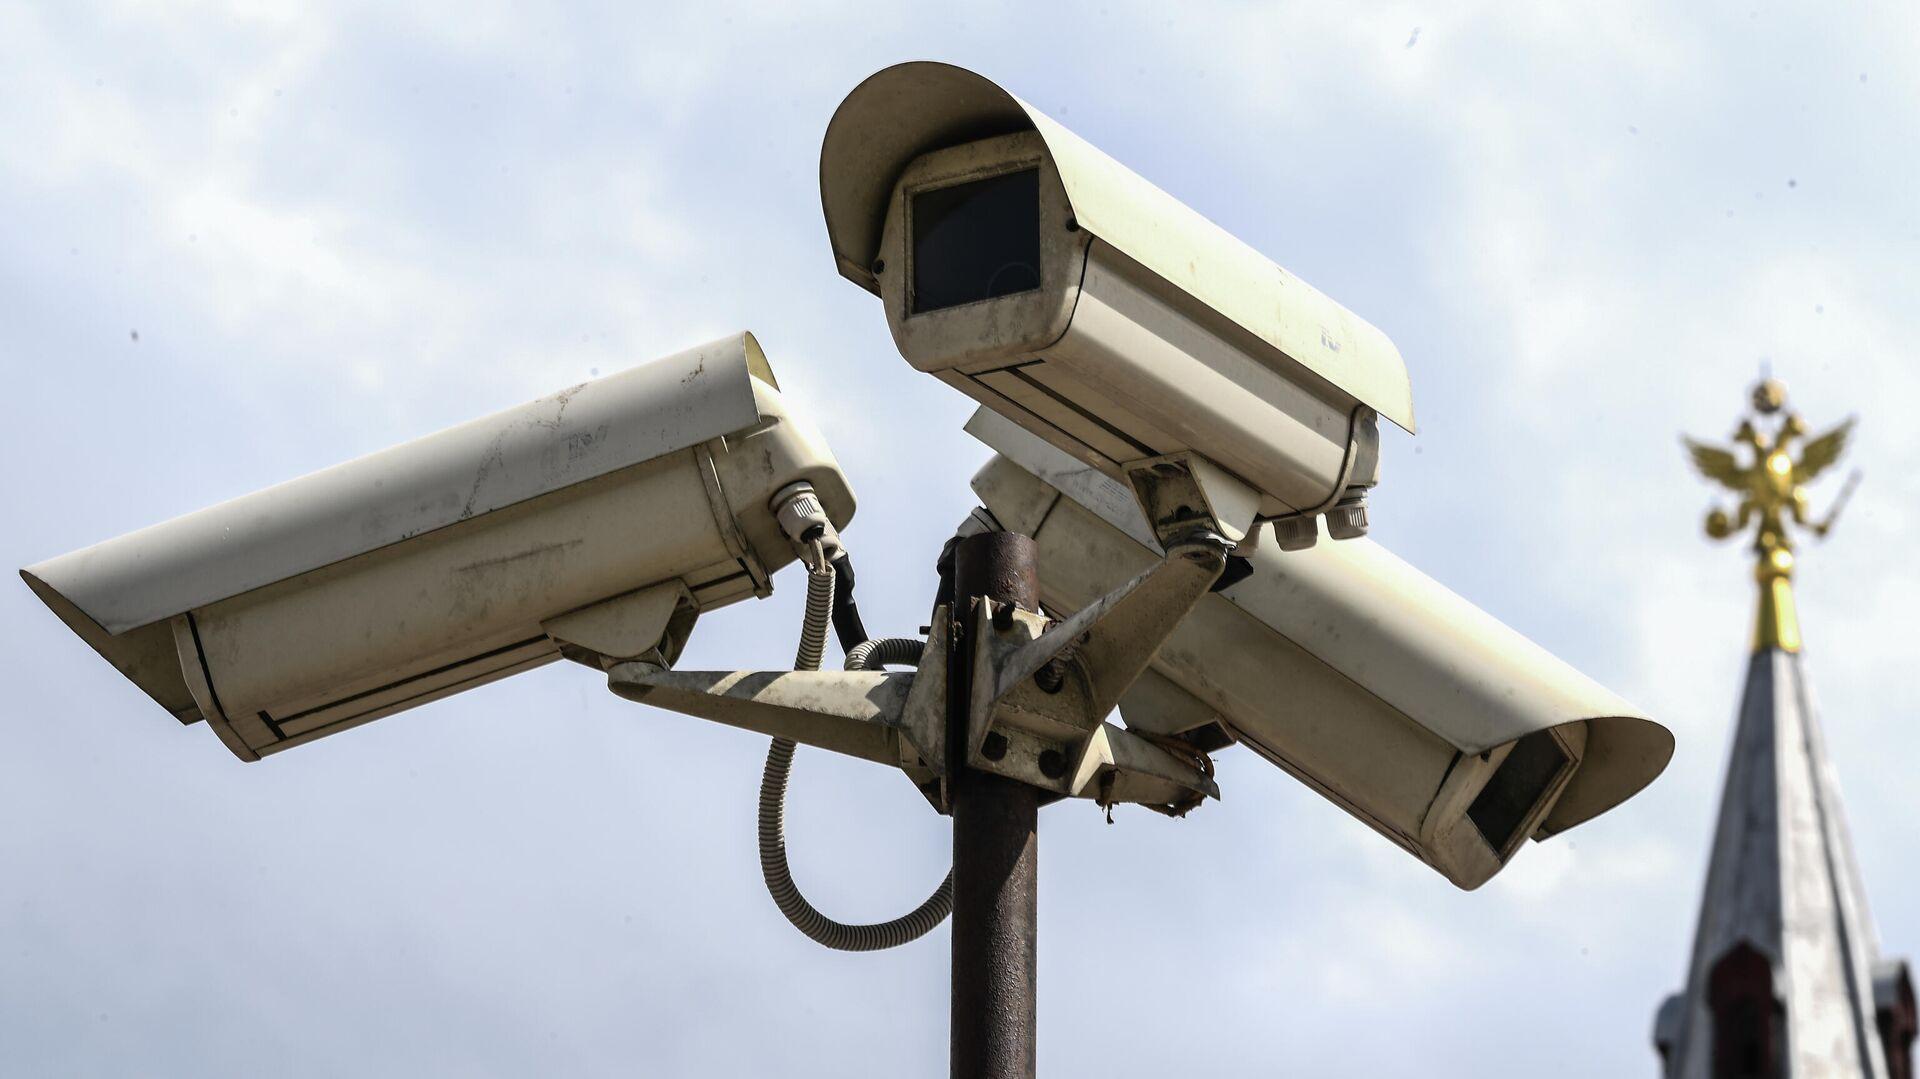 Камеры видеонаблюдения на Манежной площади в Москве - РИА Новости, 1920, 08.12.2020